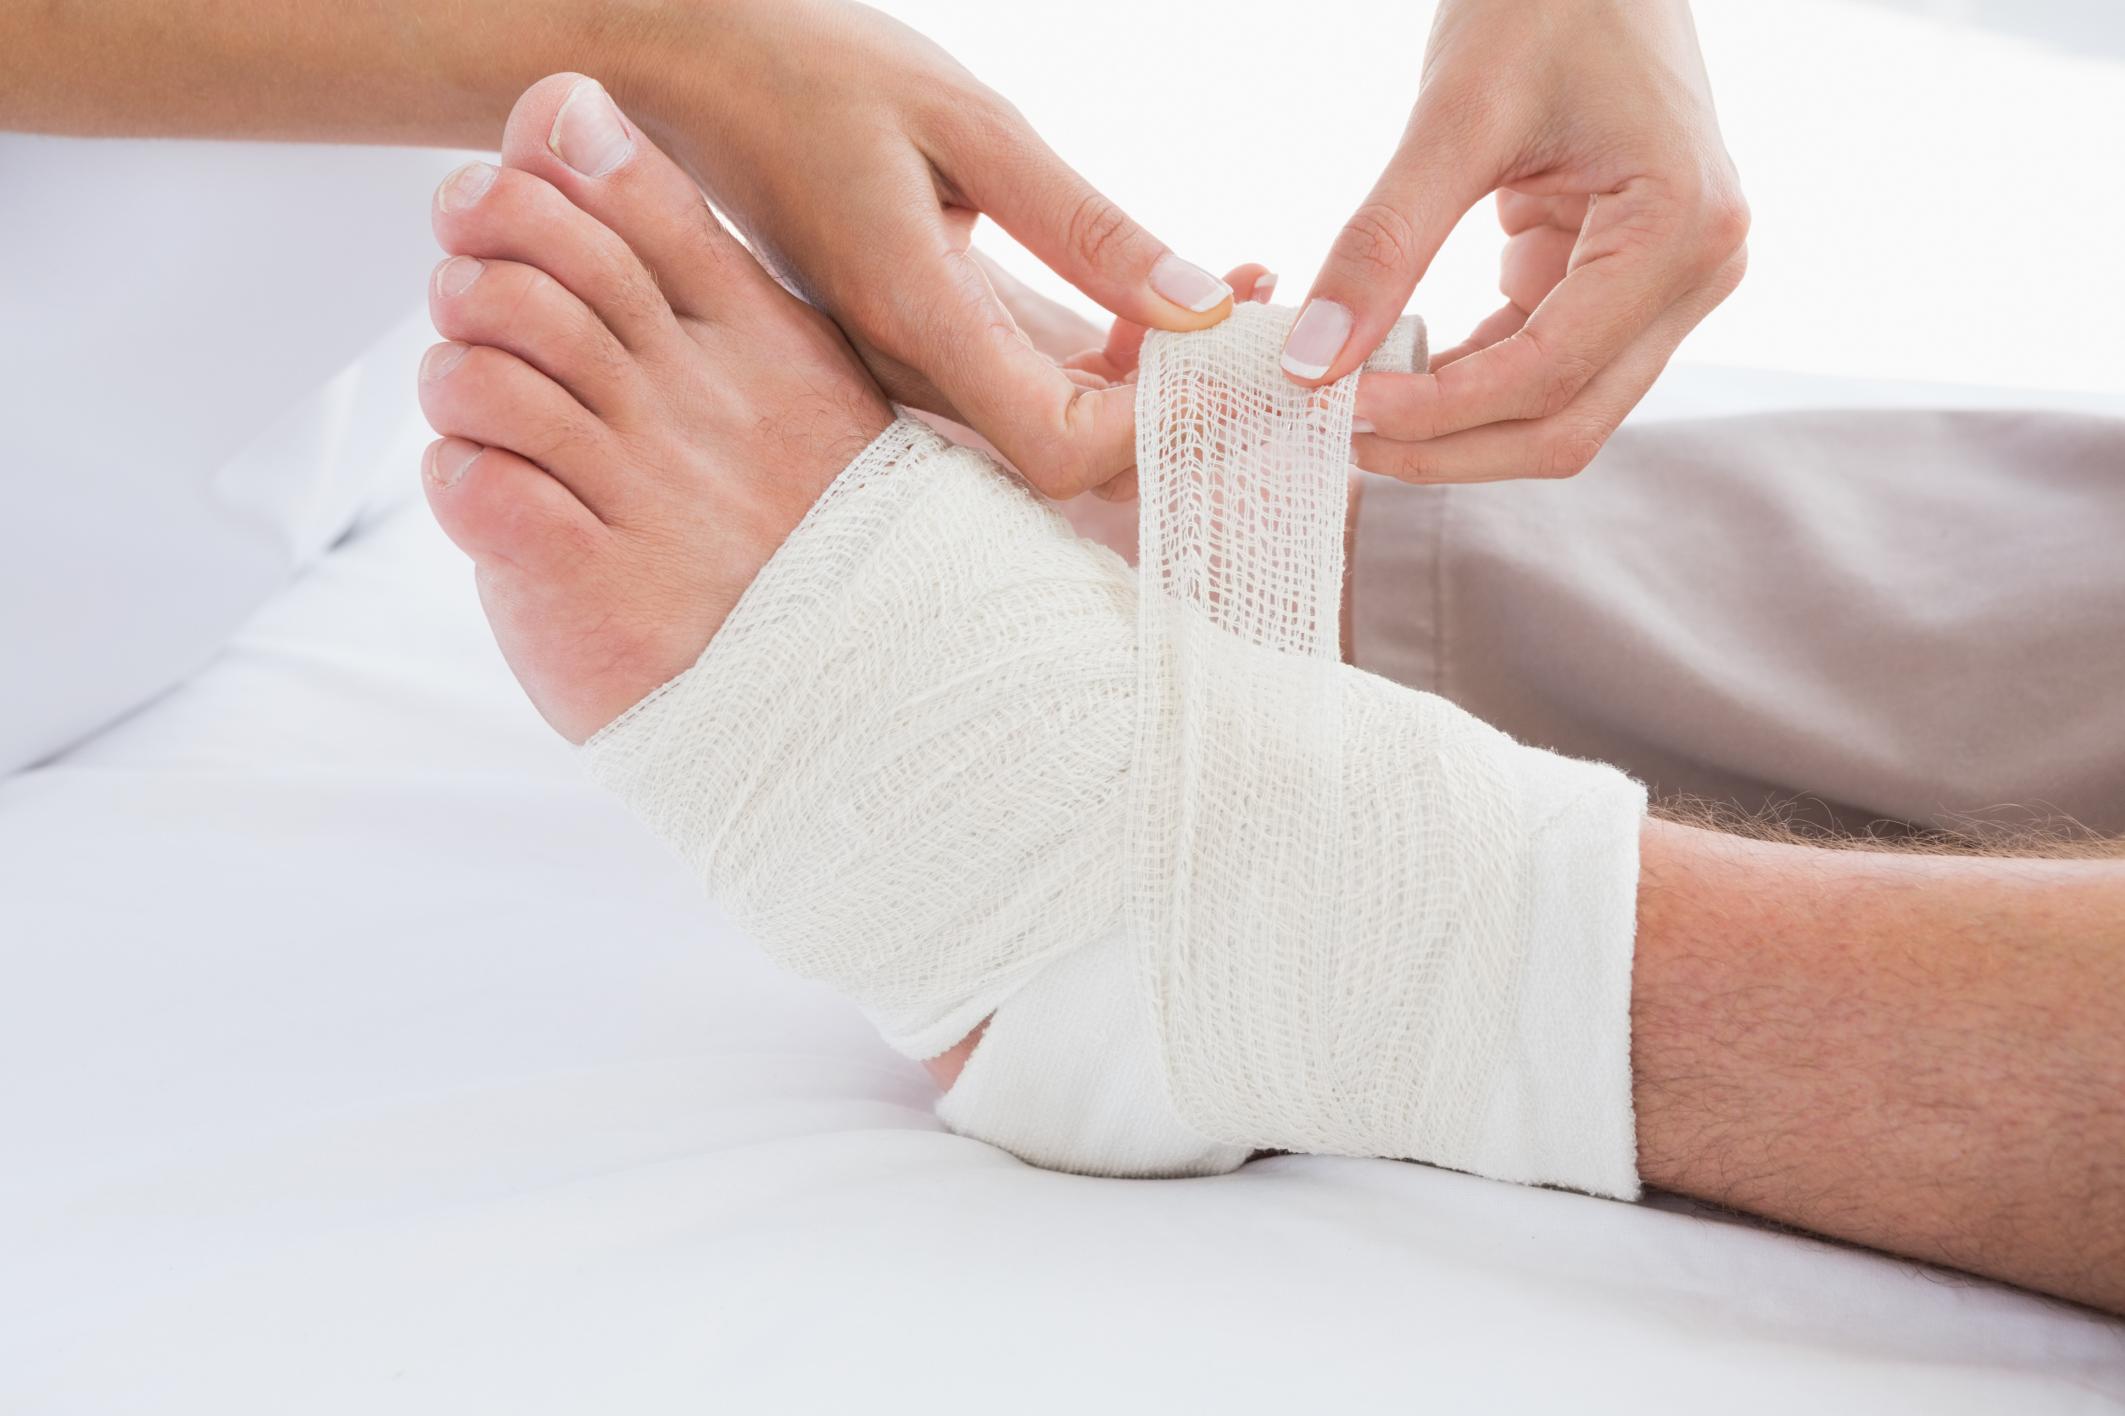 накладывание повязки на ногу